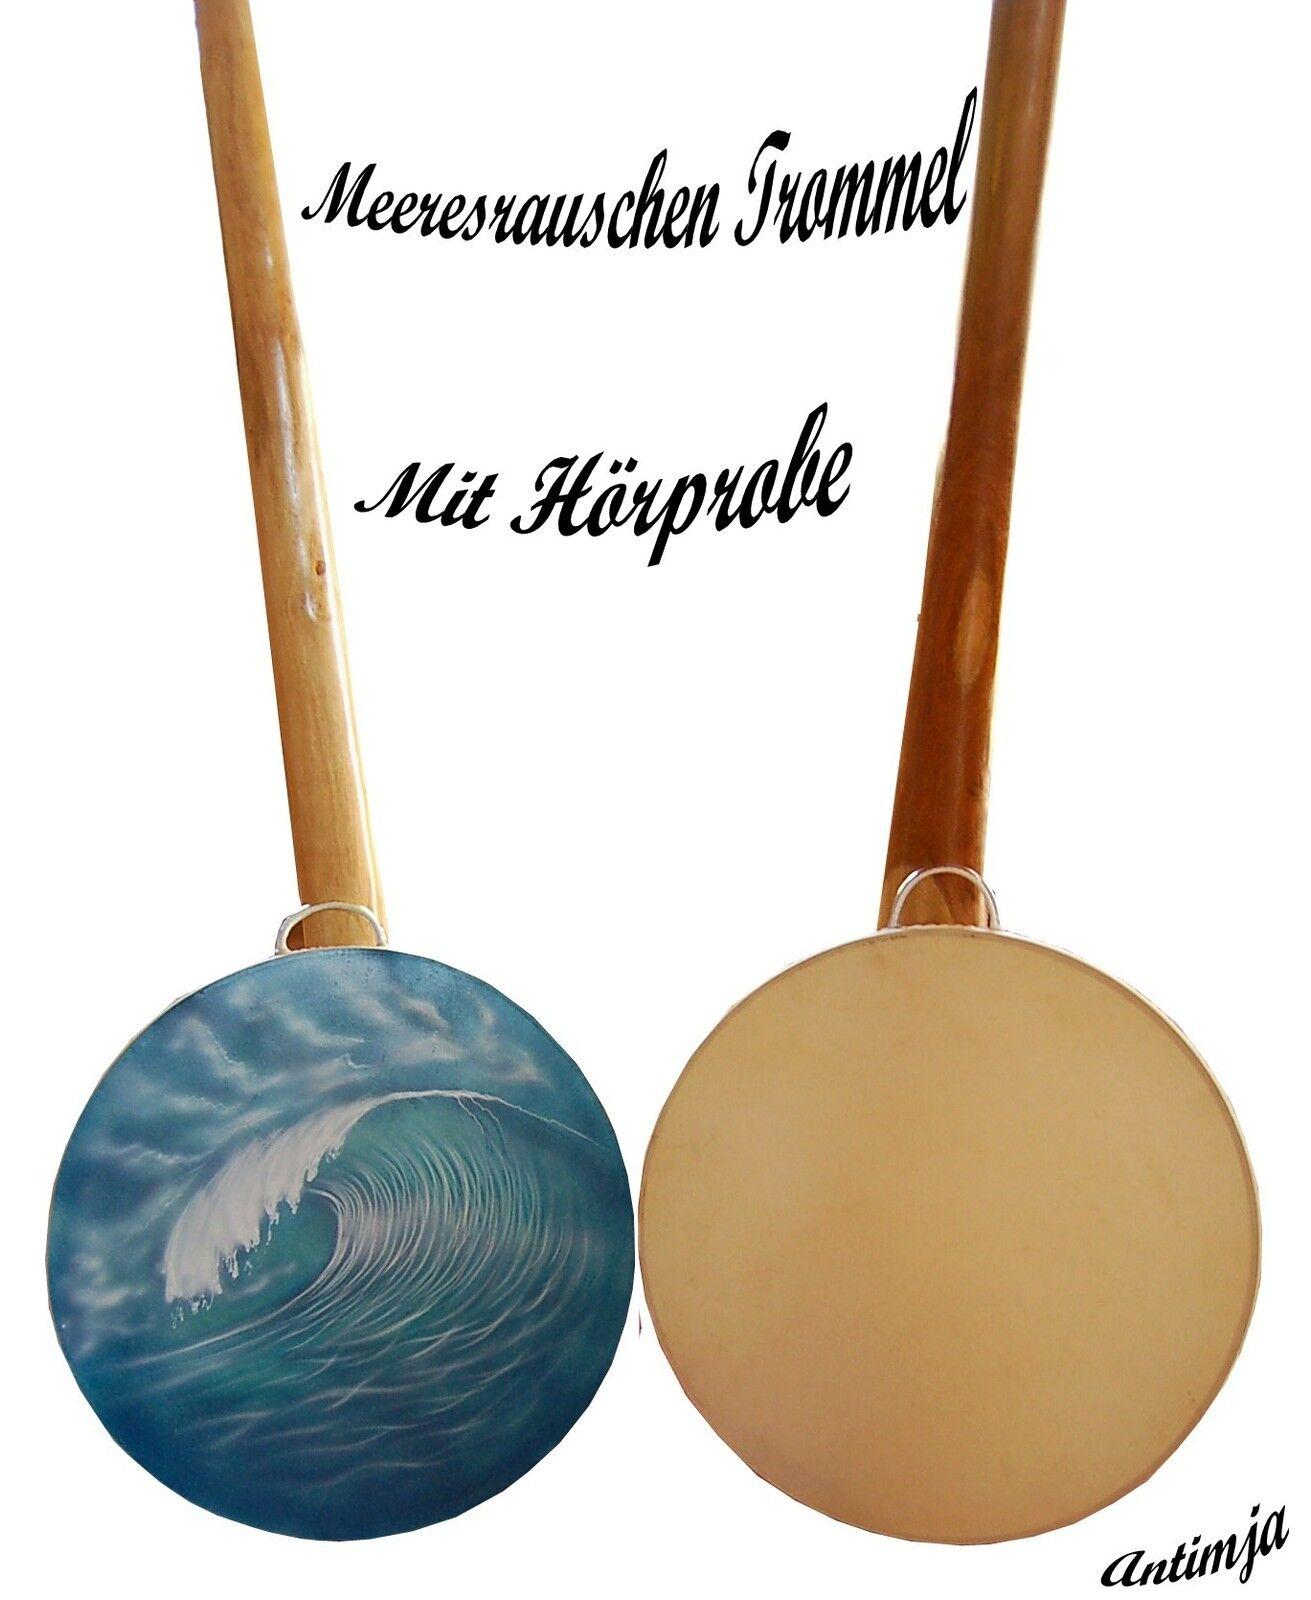 Ocean Drum Meerestrommel Wellentrommel Drum Meeresrauschen Meditations Trommel